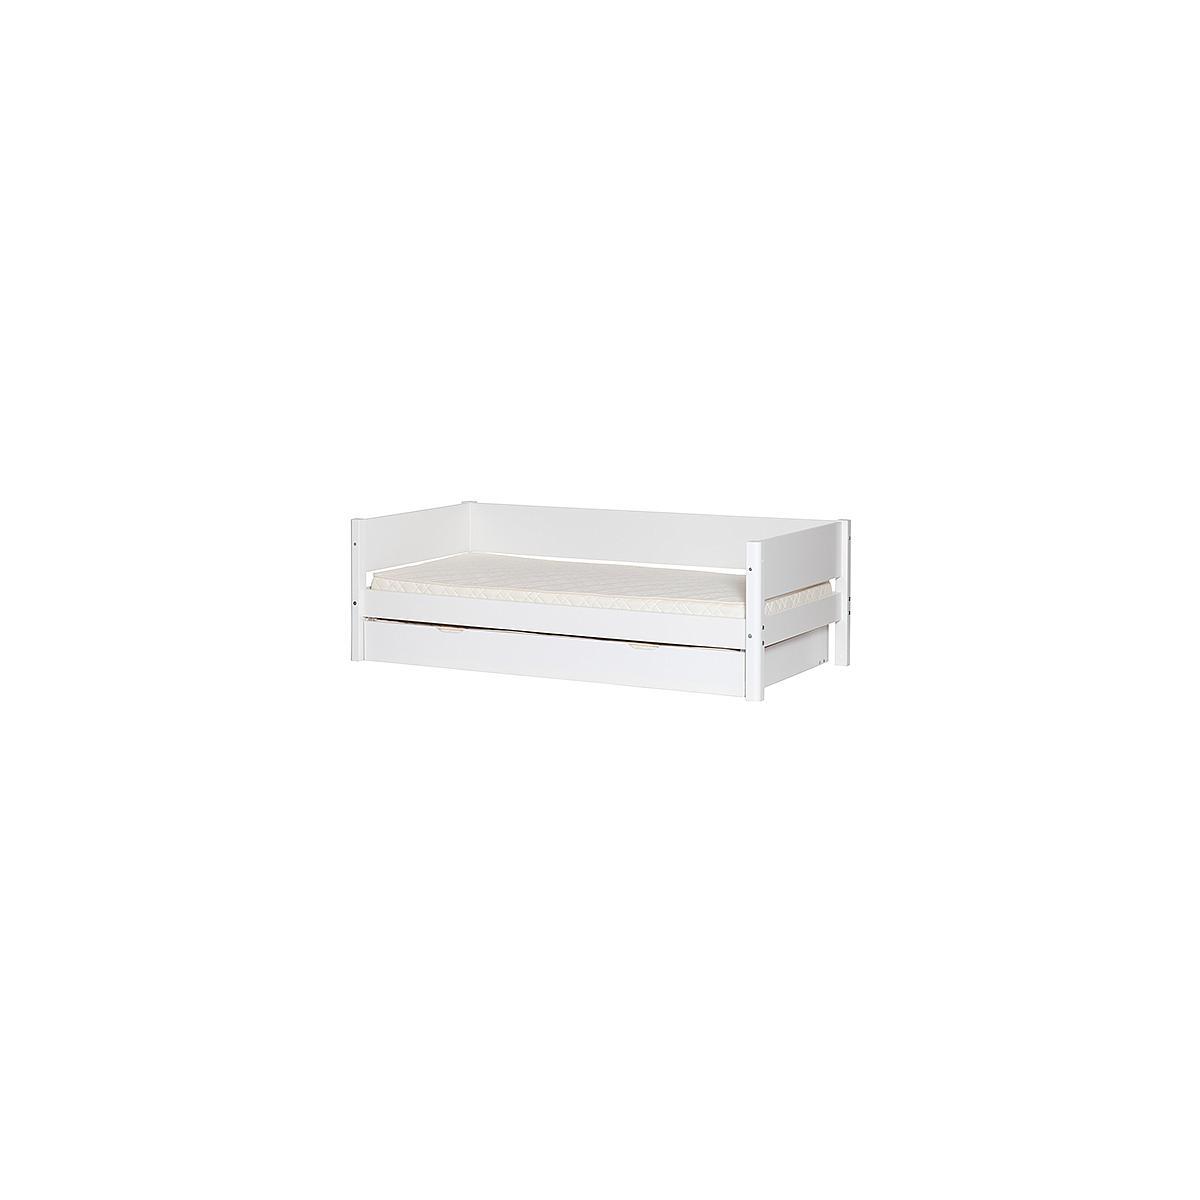 WHITE by Flexa Barrière de sécurité blanche 1/1 en MDF pour lit de 200cm